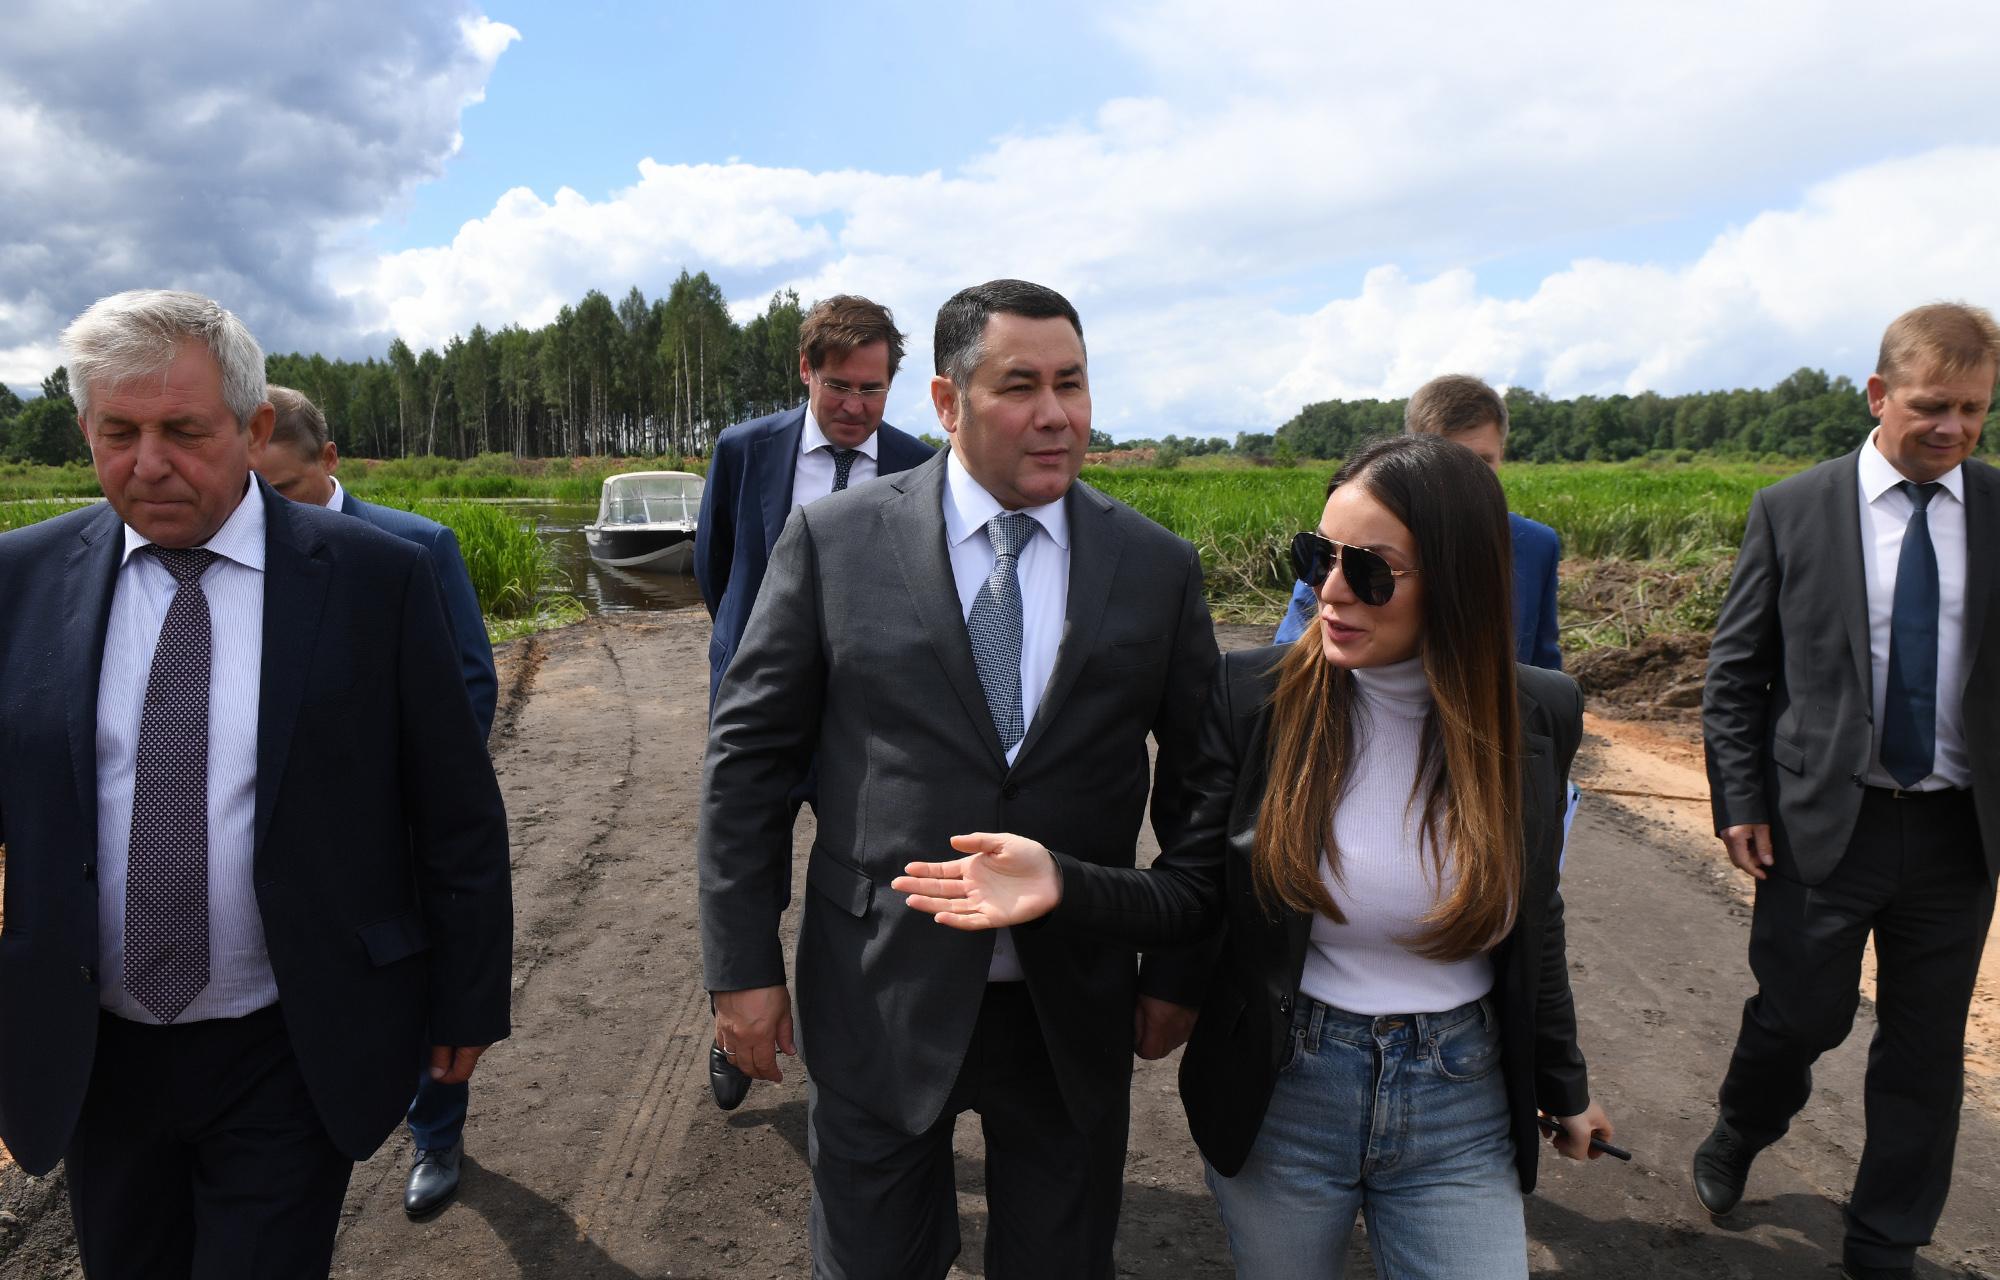 Игорь Руденя: транспортно-пересадочный узел в Завидово позволит в течение часа добираться из столицы до Московского моря